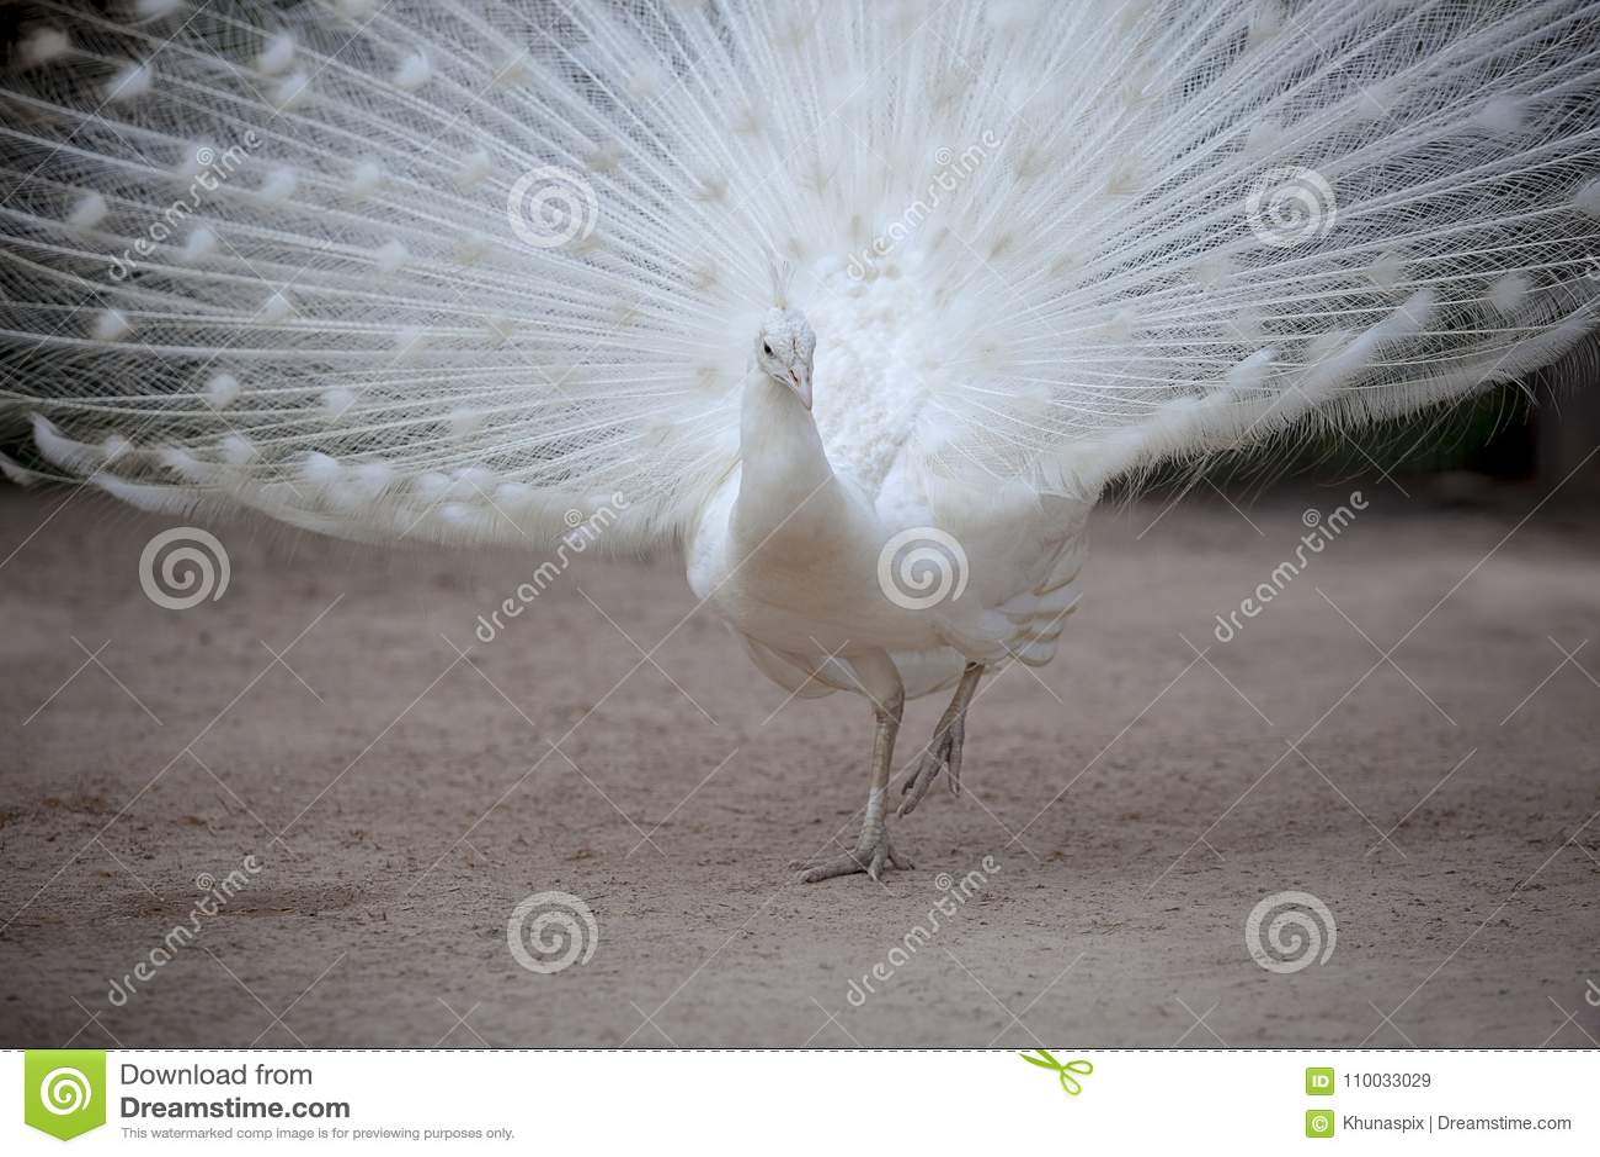 Witte fazant met mooie ventilatorstaart die zich op vuilgebied bevinden